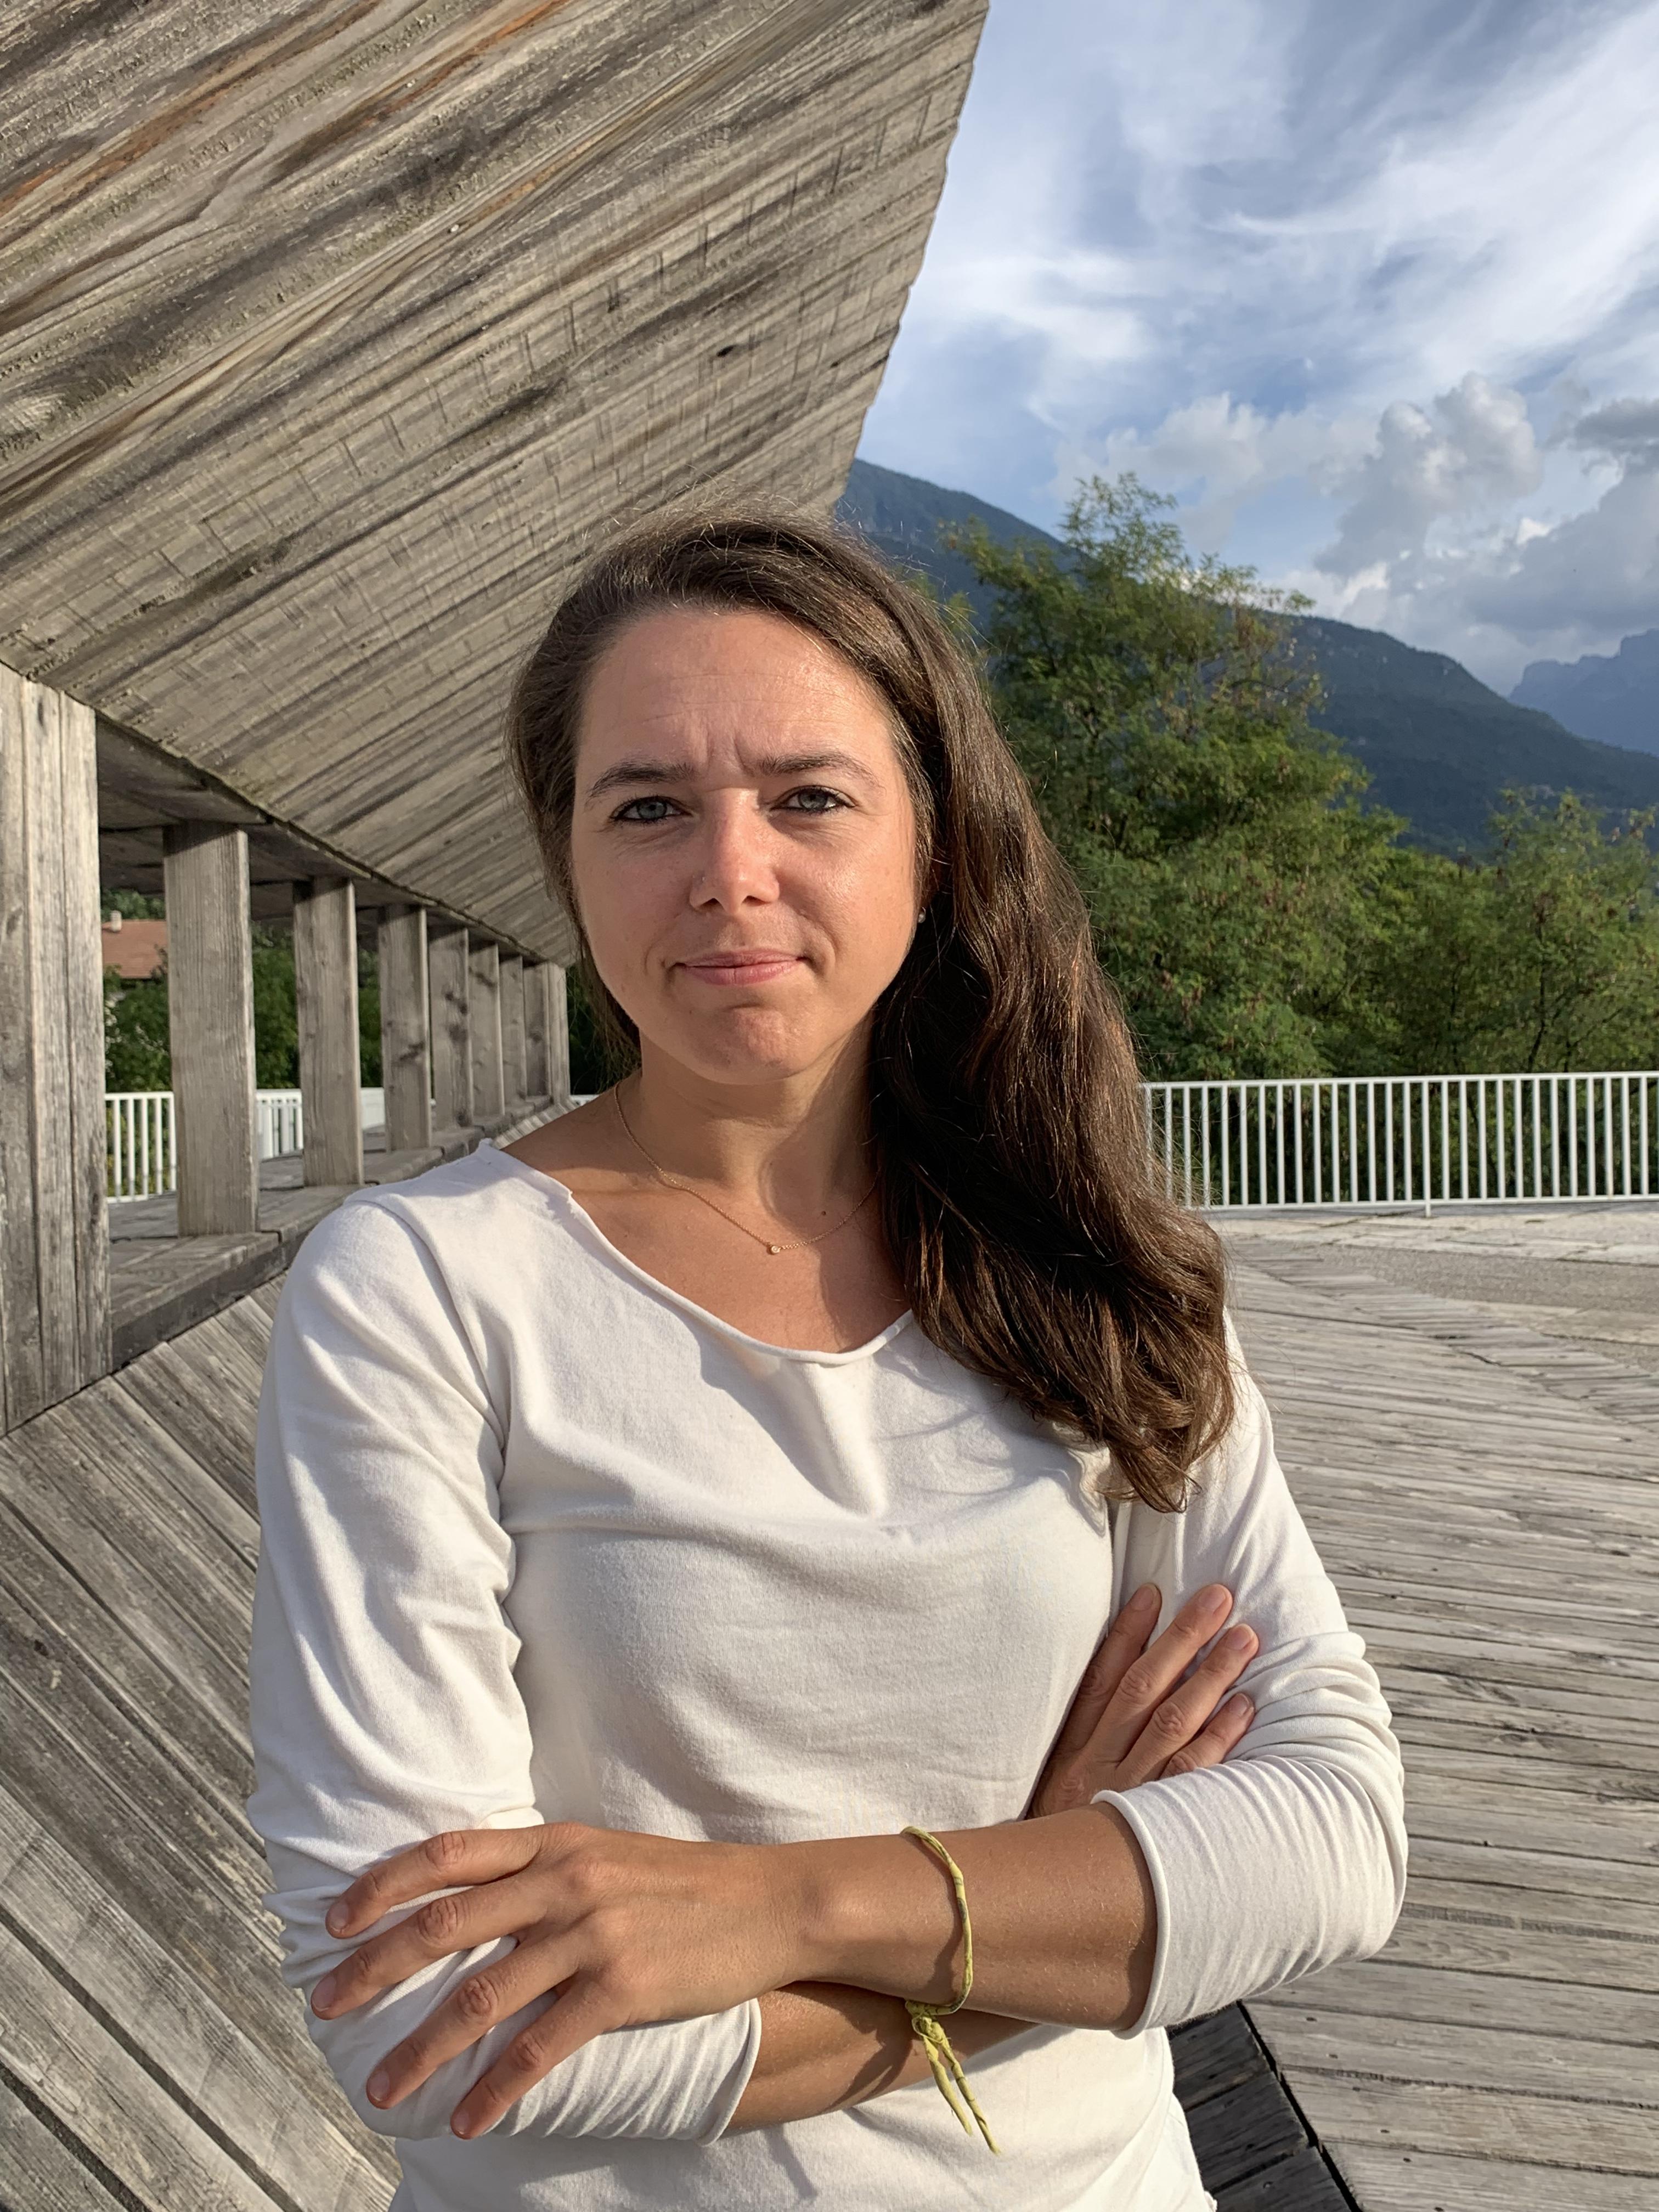 Sara Favargiotti